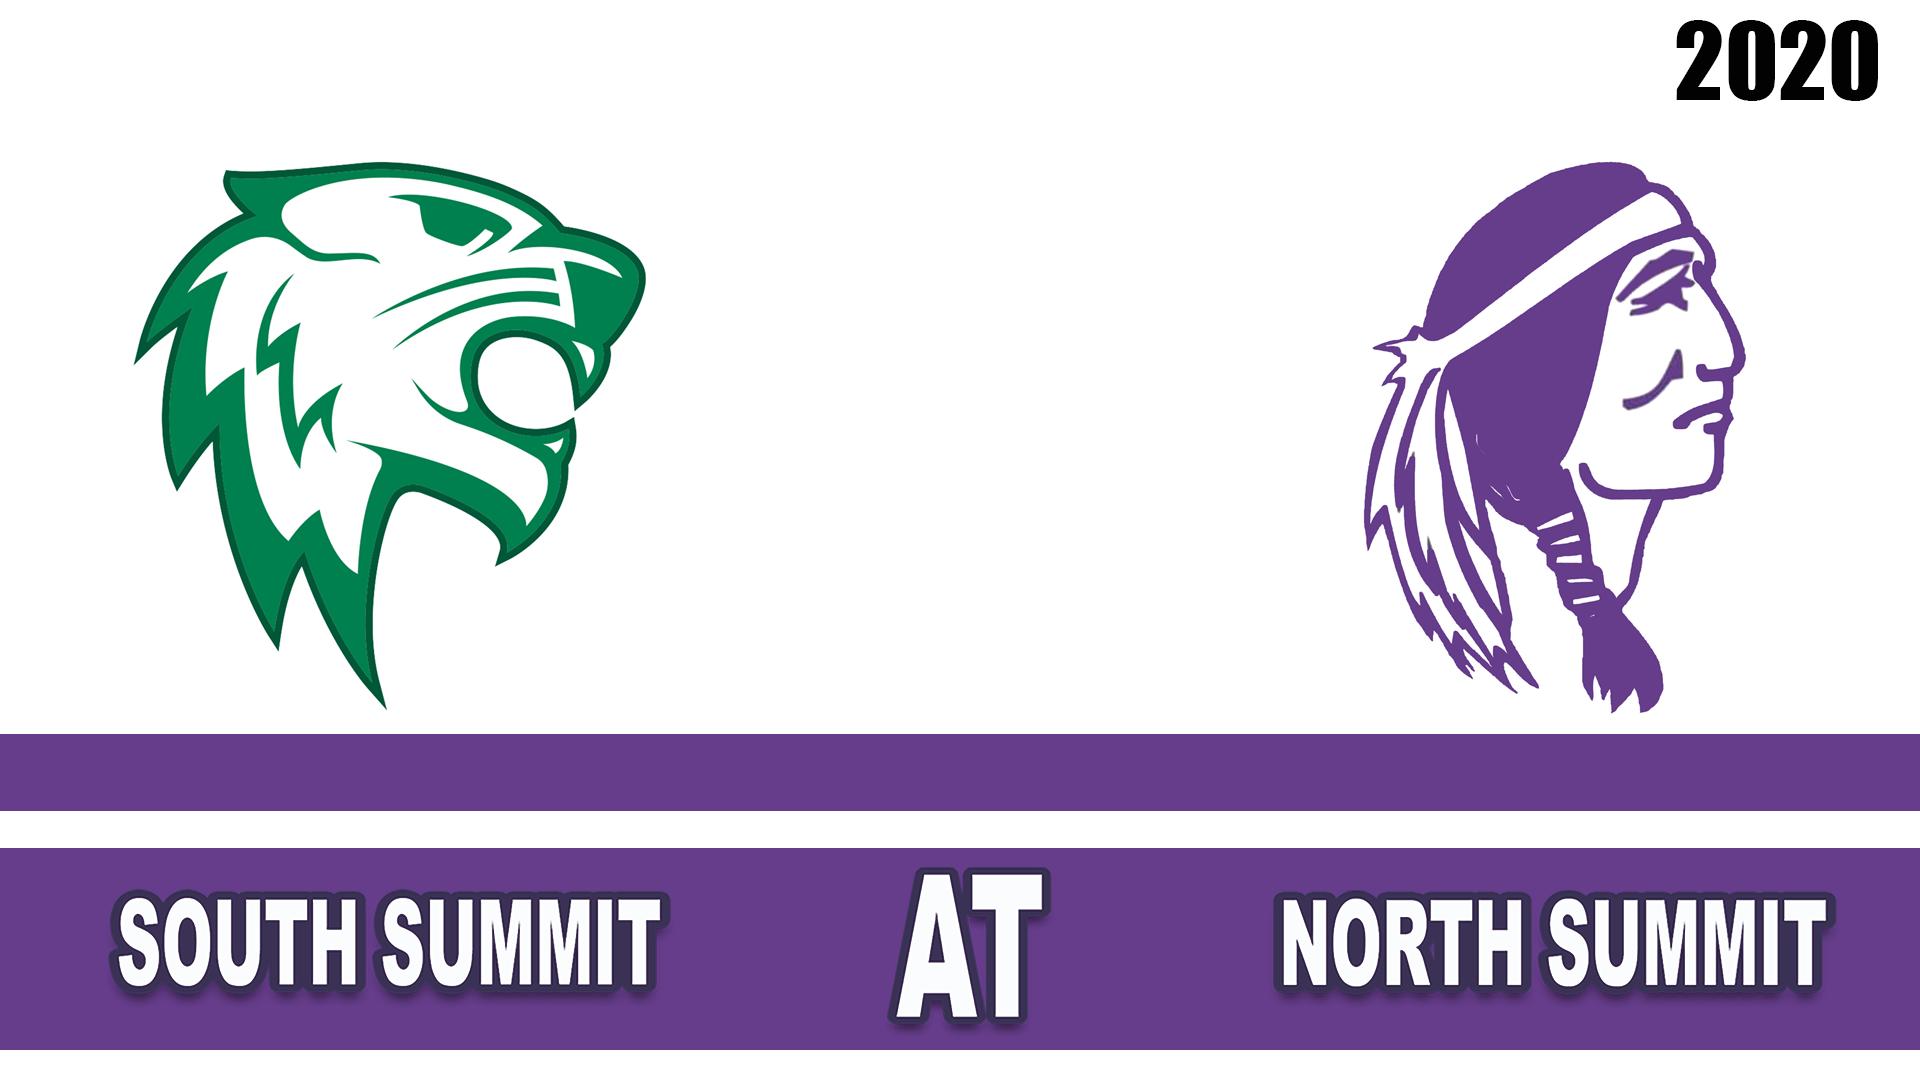 South Summit at North Summit